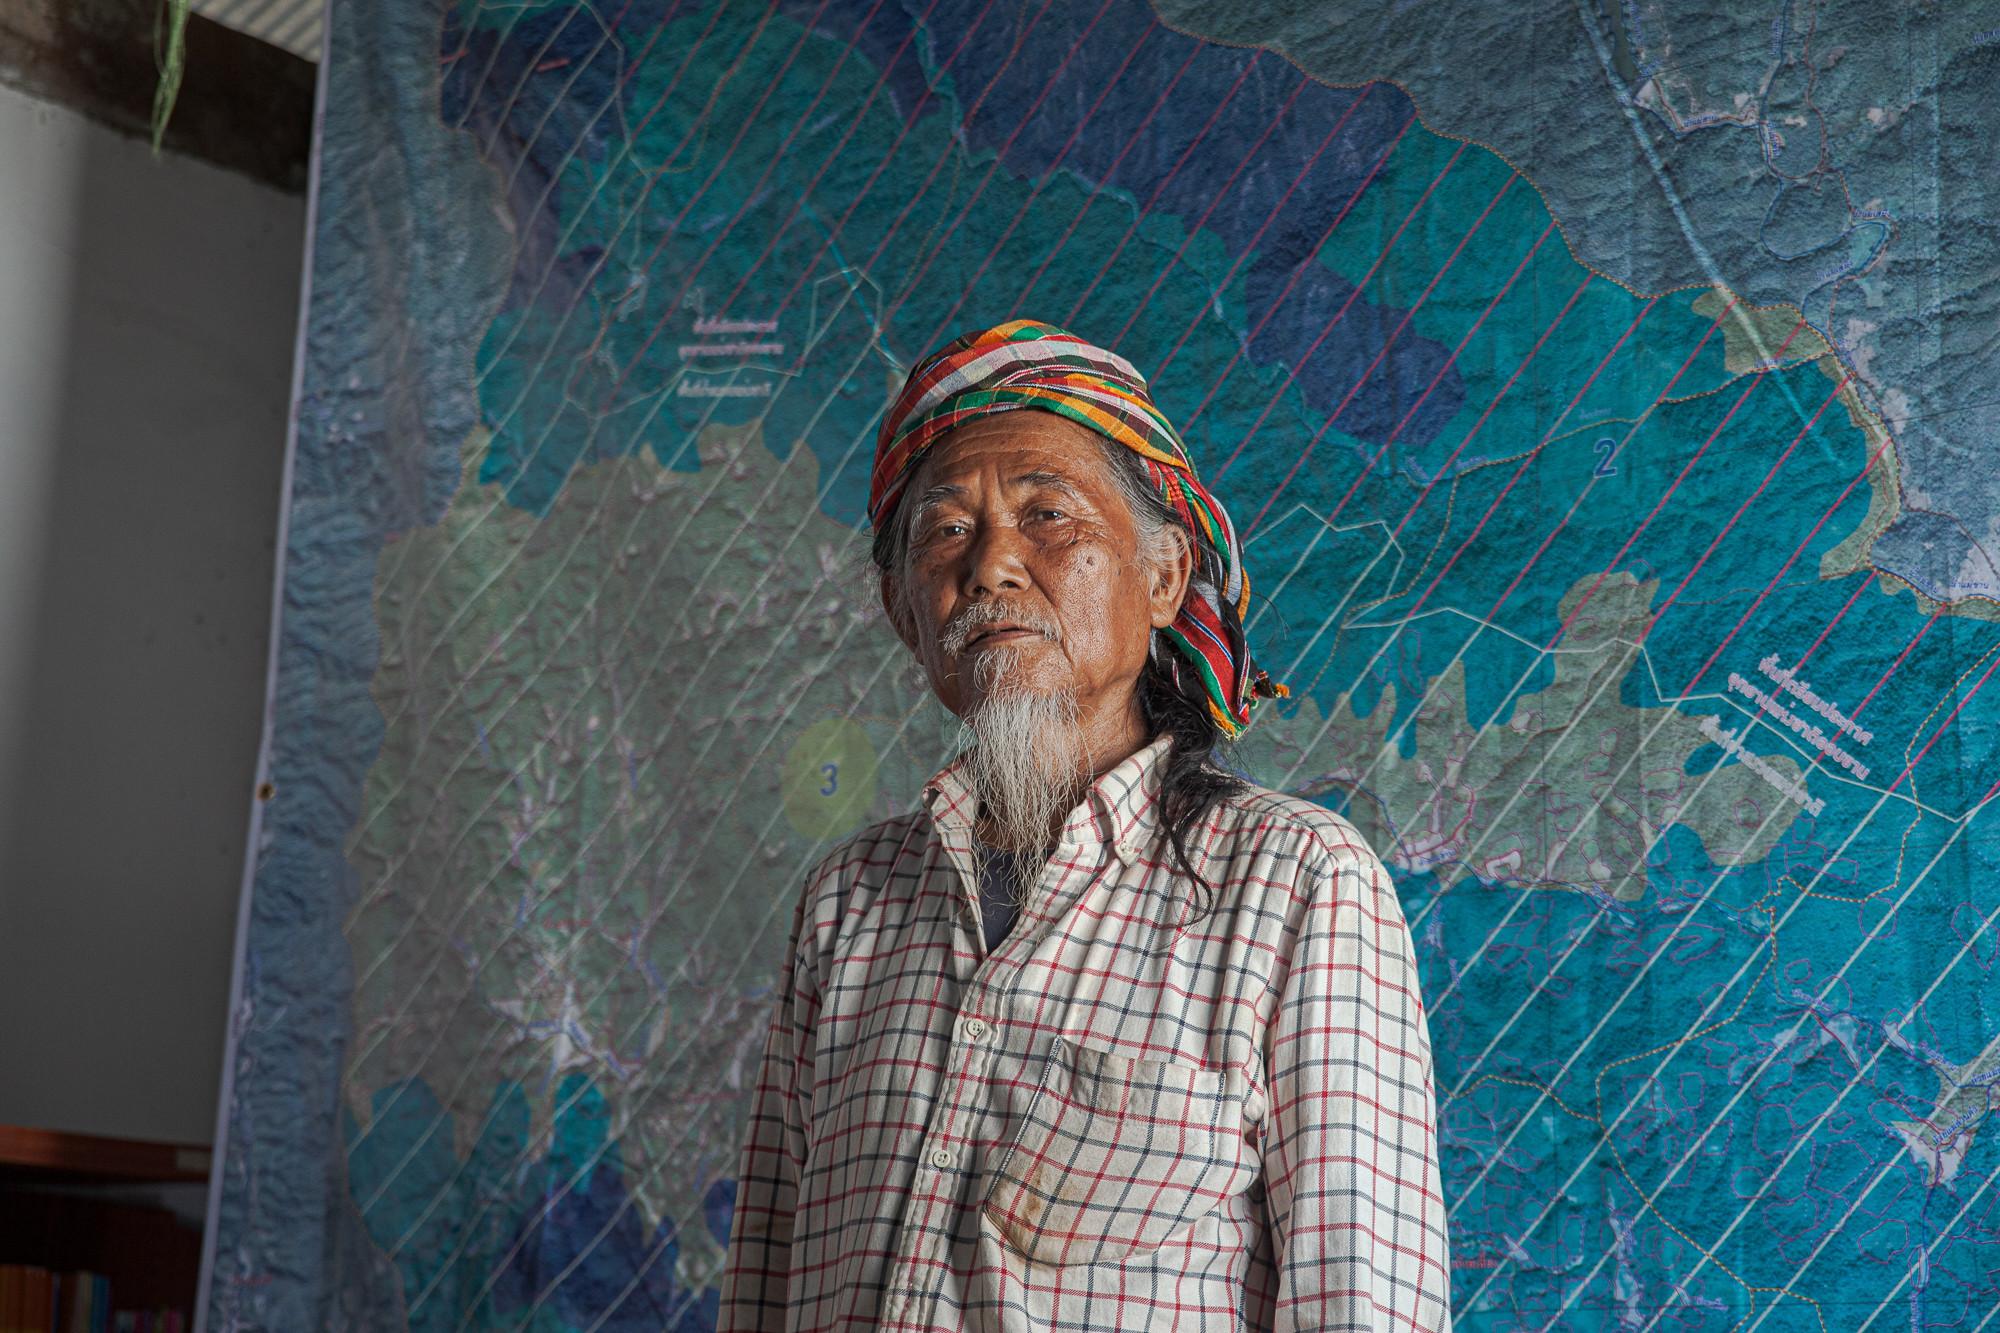 พะตีตาแยะ ยอดฉัตรมิ่งบุญ ปราชญ์ชาวปกาเกอะญอ แห่งหมู่บ้านสบลาน ต.สะเมิงใต้ ผู้ที่เป็นแกนนำชาวบ้านต่อสู้เพื่อพื้นที่ทำกินมาจนถึงปัจจุบัน ภาพถ่ายเมื่อ 7 พ.ค. 63 (ที่มา: ณัฐชานันท์ กล้าหาญ)